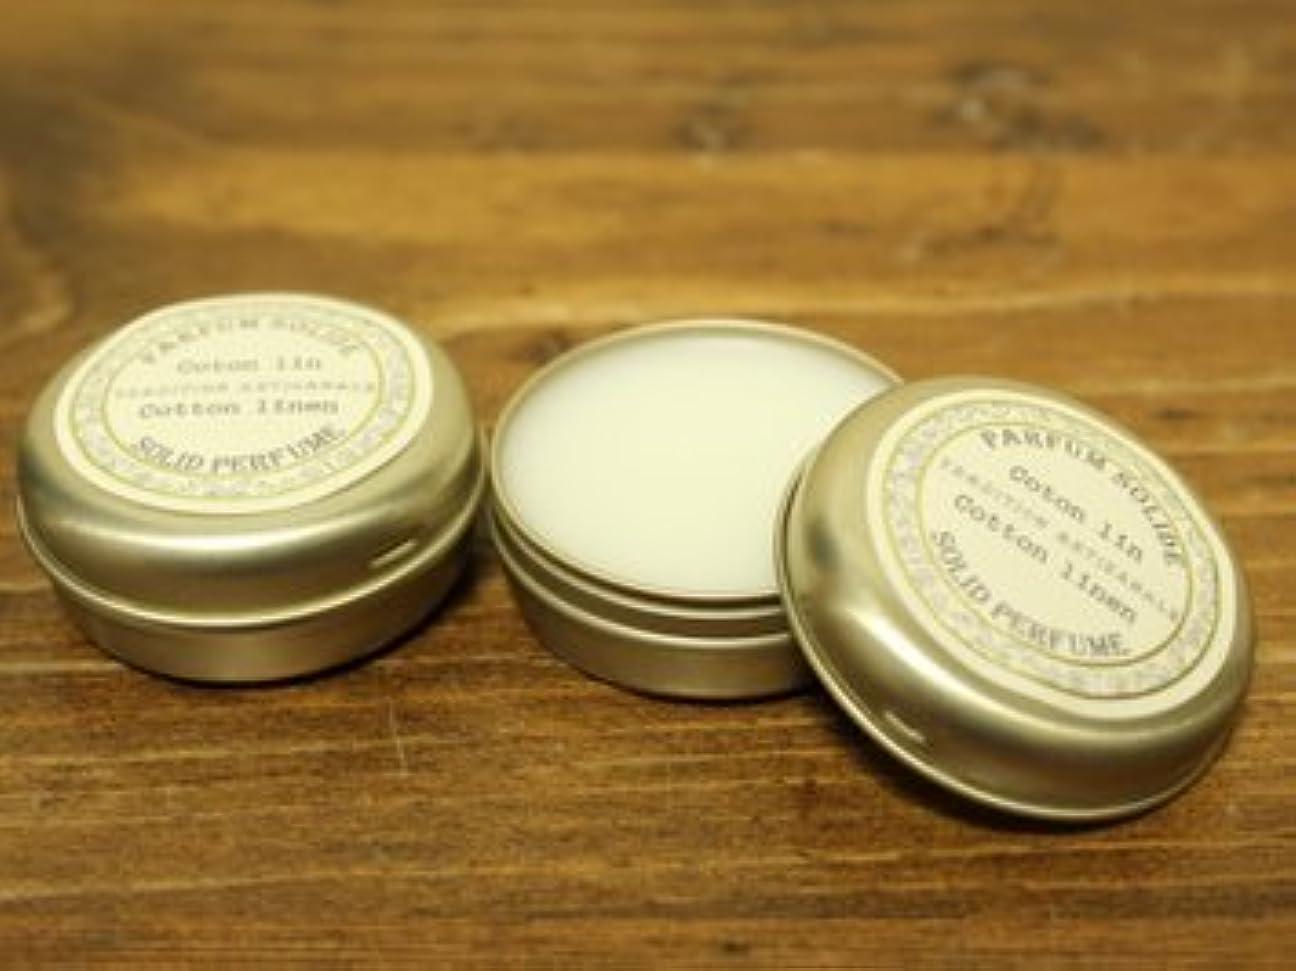 抽出農学入浴Senteur et Beaute(サンタールエボーテ) フレンチクラシックシリーズ 練り香水 10g 「コットンリネン」 4994228023056